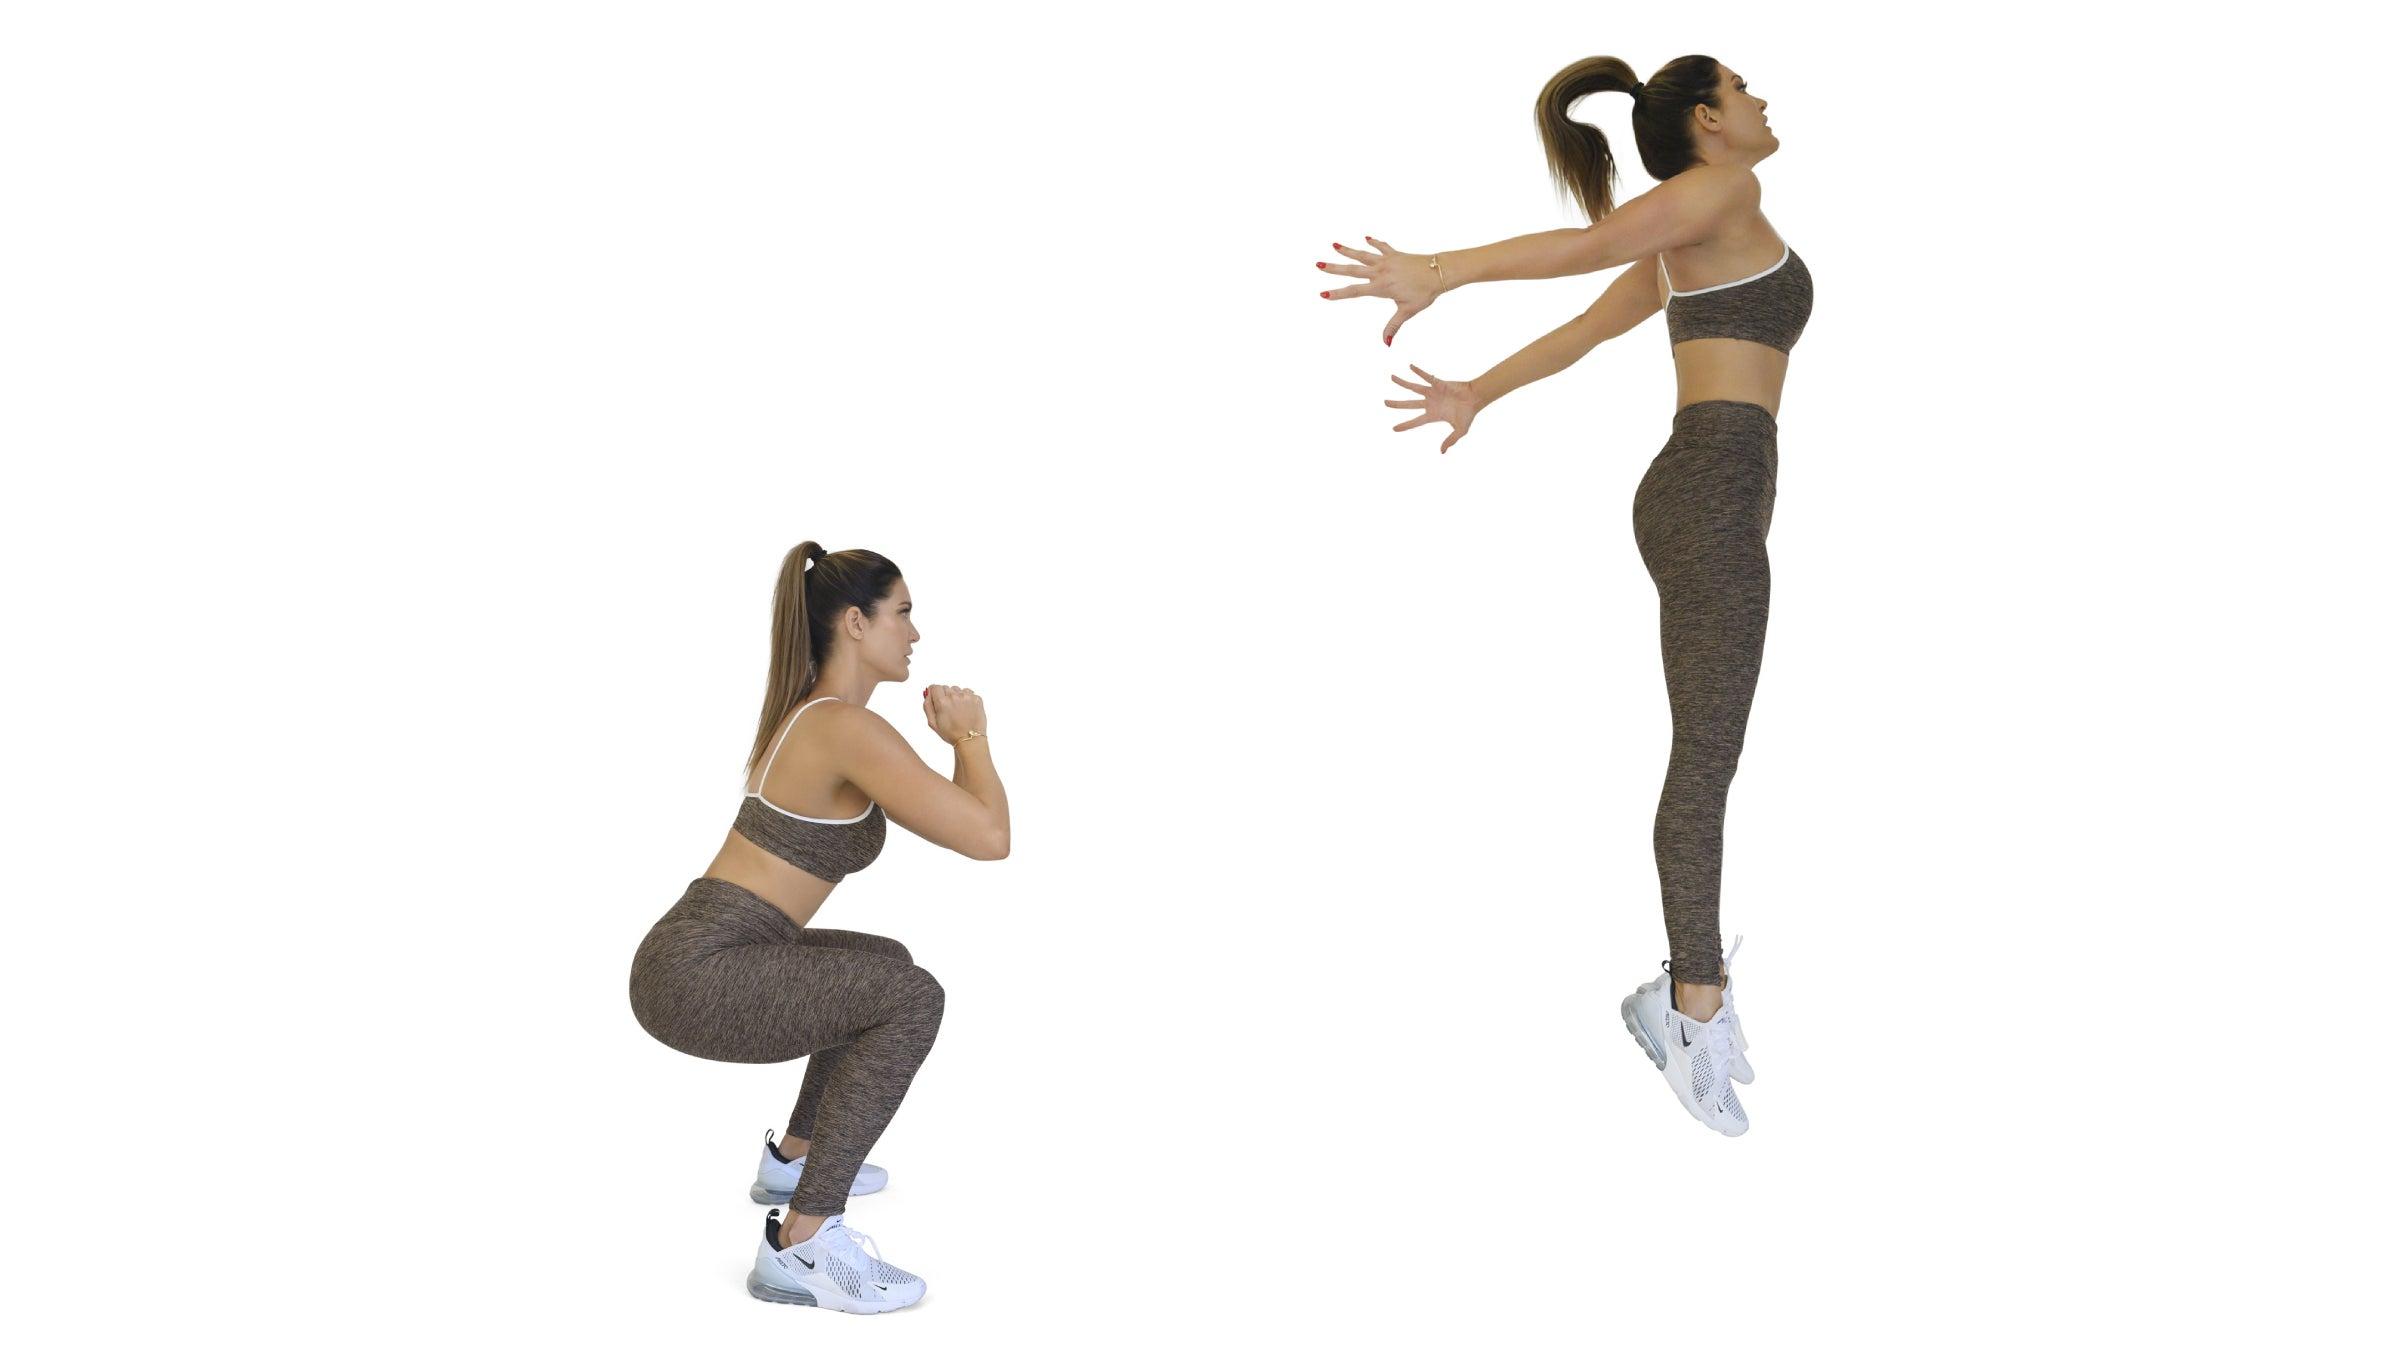 Woman performing a jump squat